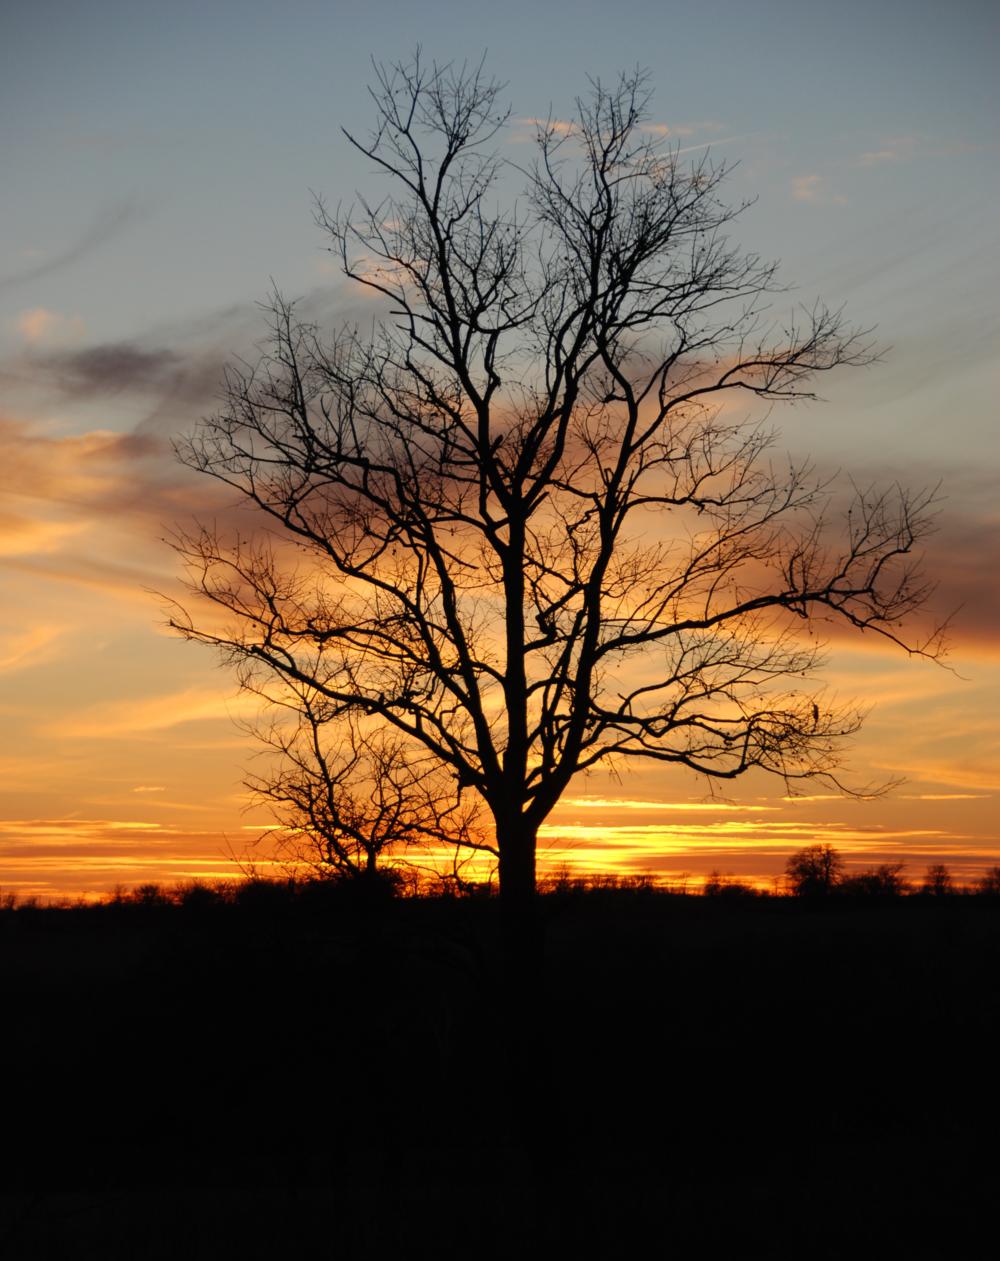 sunset 4 katharine.JPG